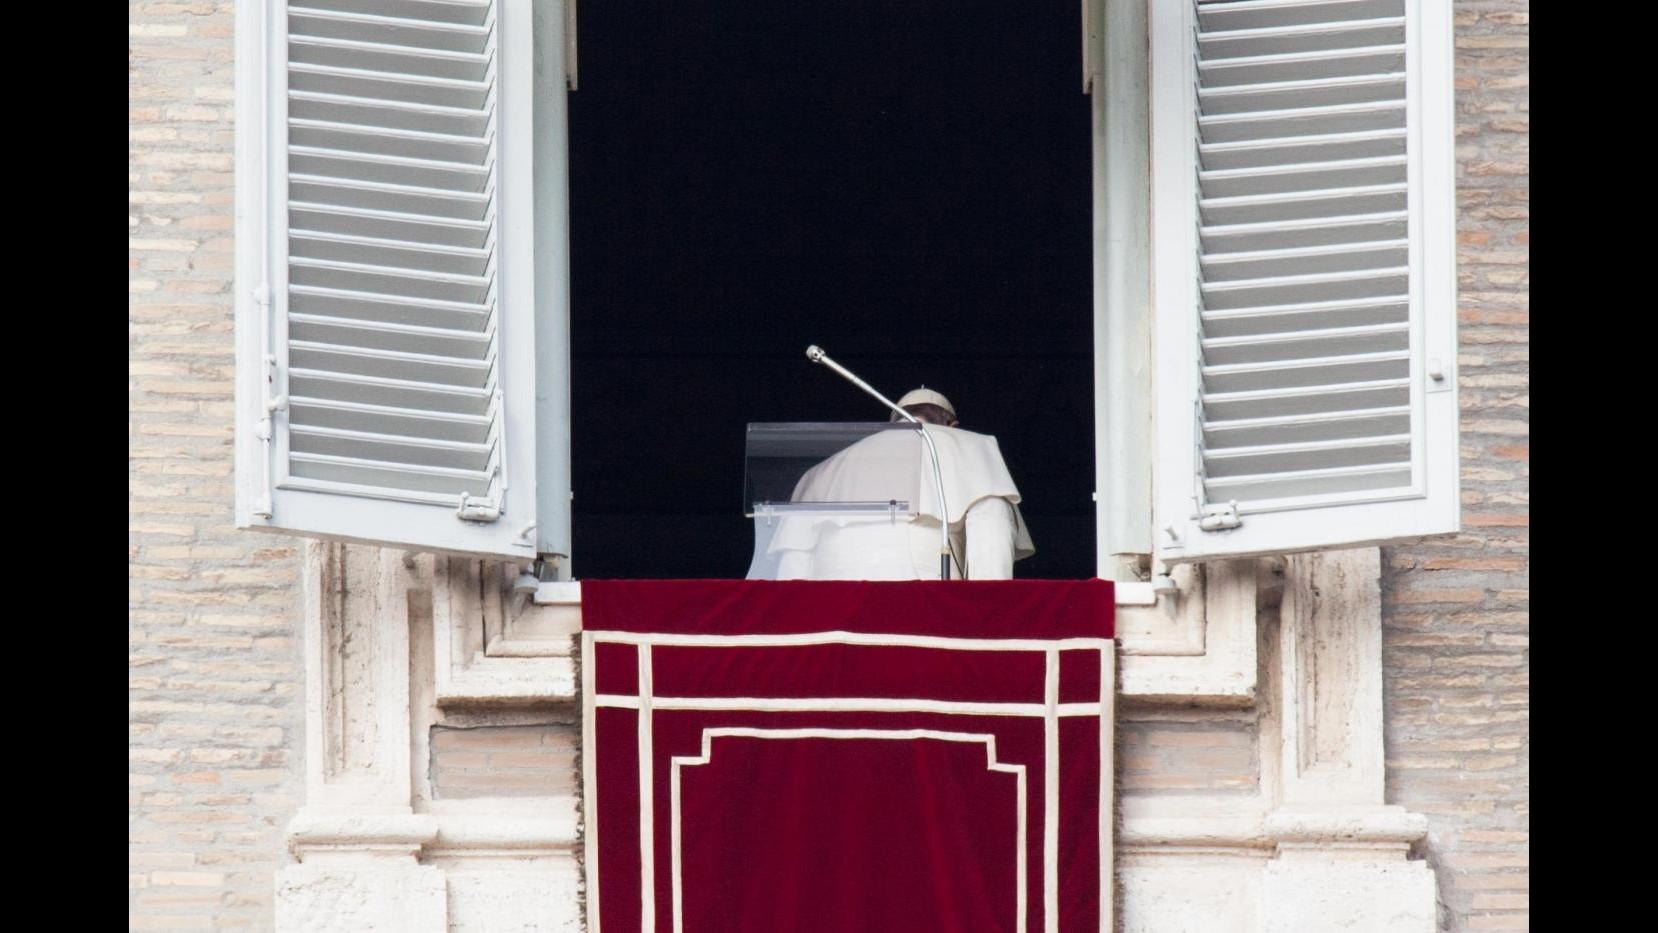 Vaticano, Osce a Santa Sede: Ritirate le accuse per Nuzzi e Fittipaldi